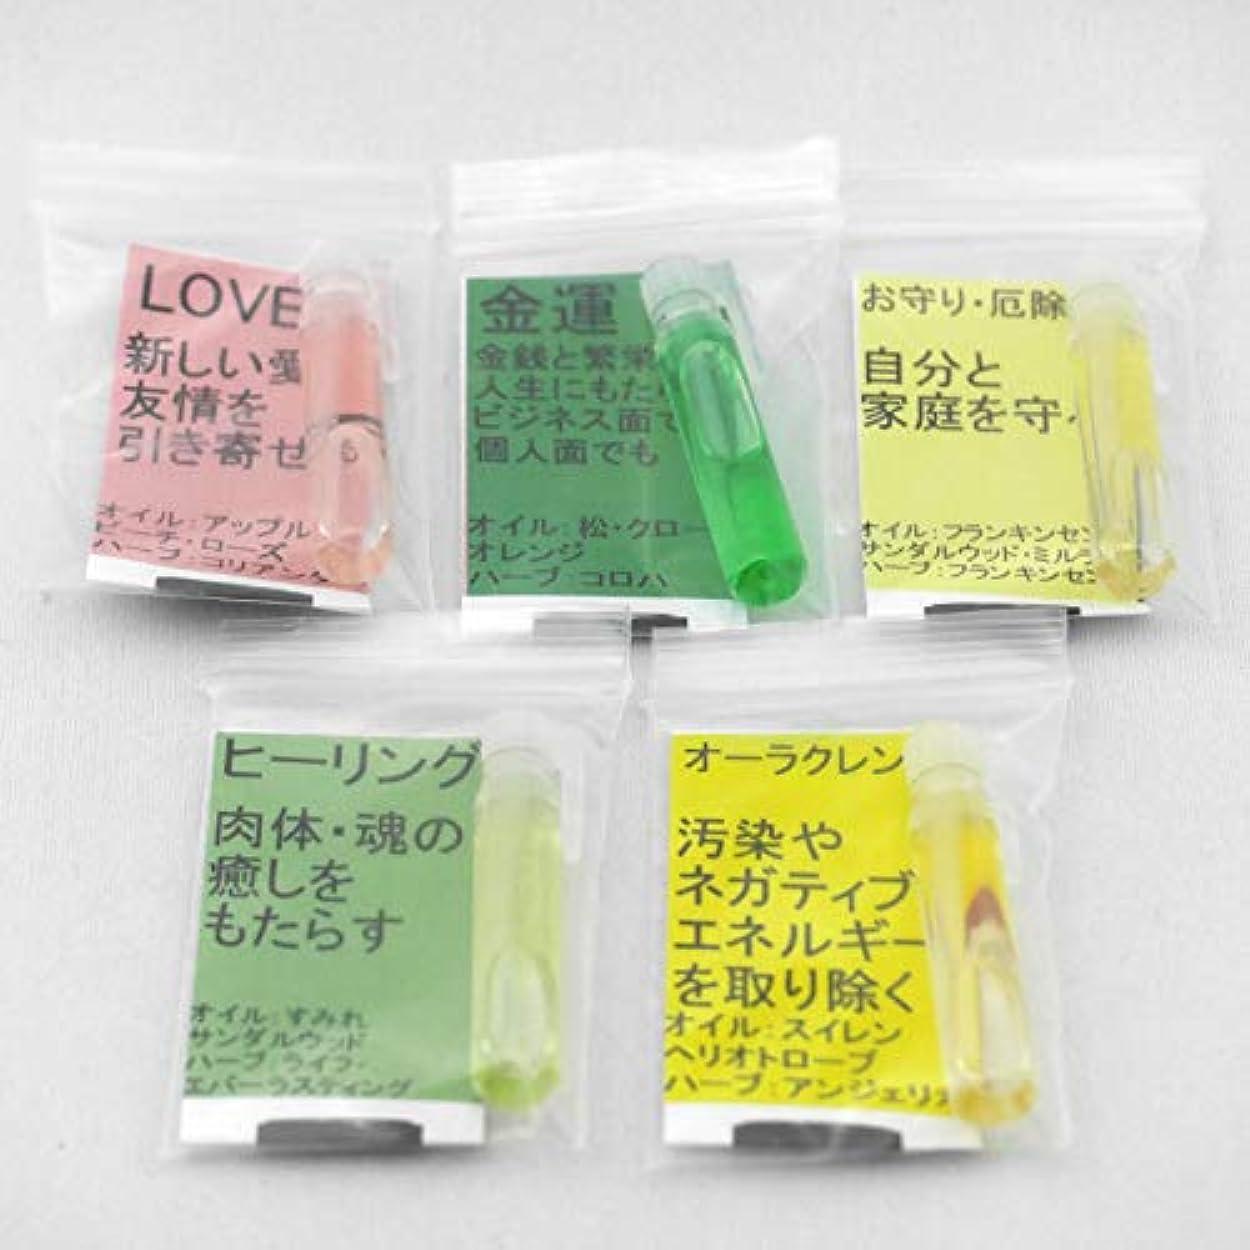 スポンサー無効にする木製アンシェントメモリーオイル 基本の5本小分けセット(LOVE?MoneyDraw?Protection?Healing?Aura Cleanse)